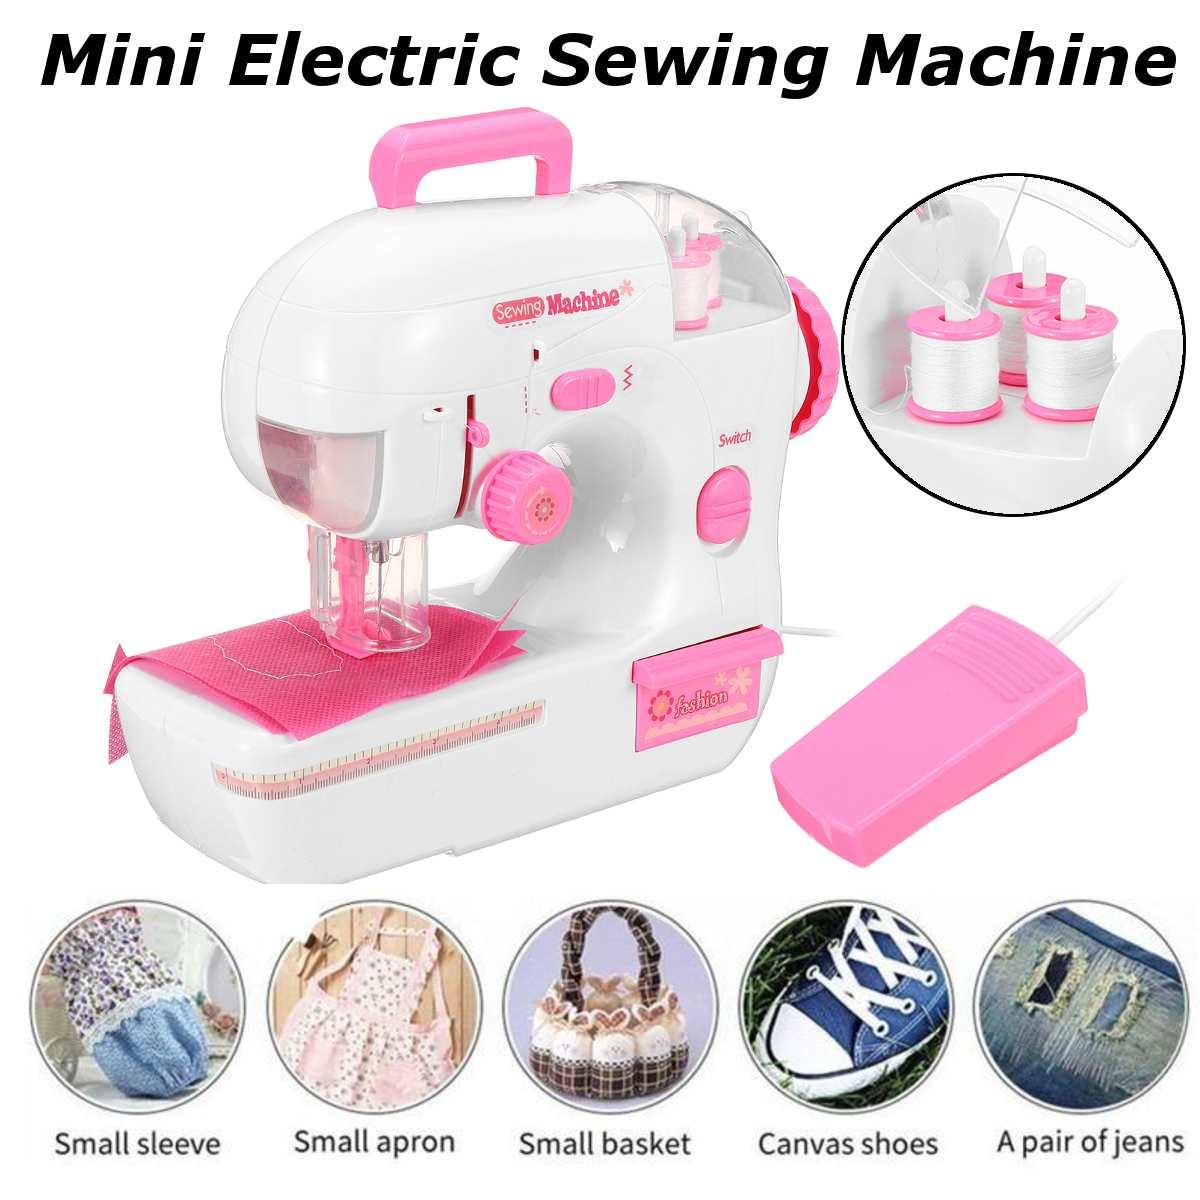 Minimáquina DE COSER eléctrica multifuncional para el hogar, aguja de coser rápida, Mini máquina de coser inalámbrica para ropa